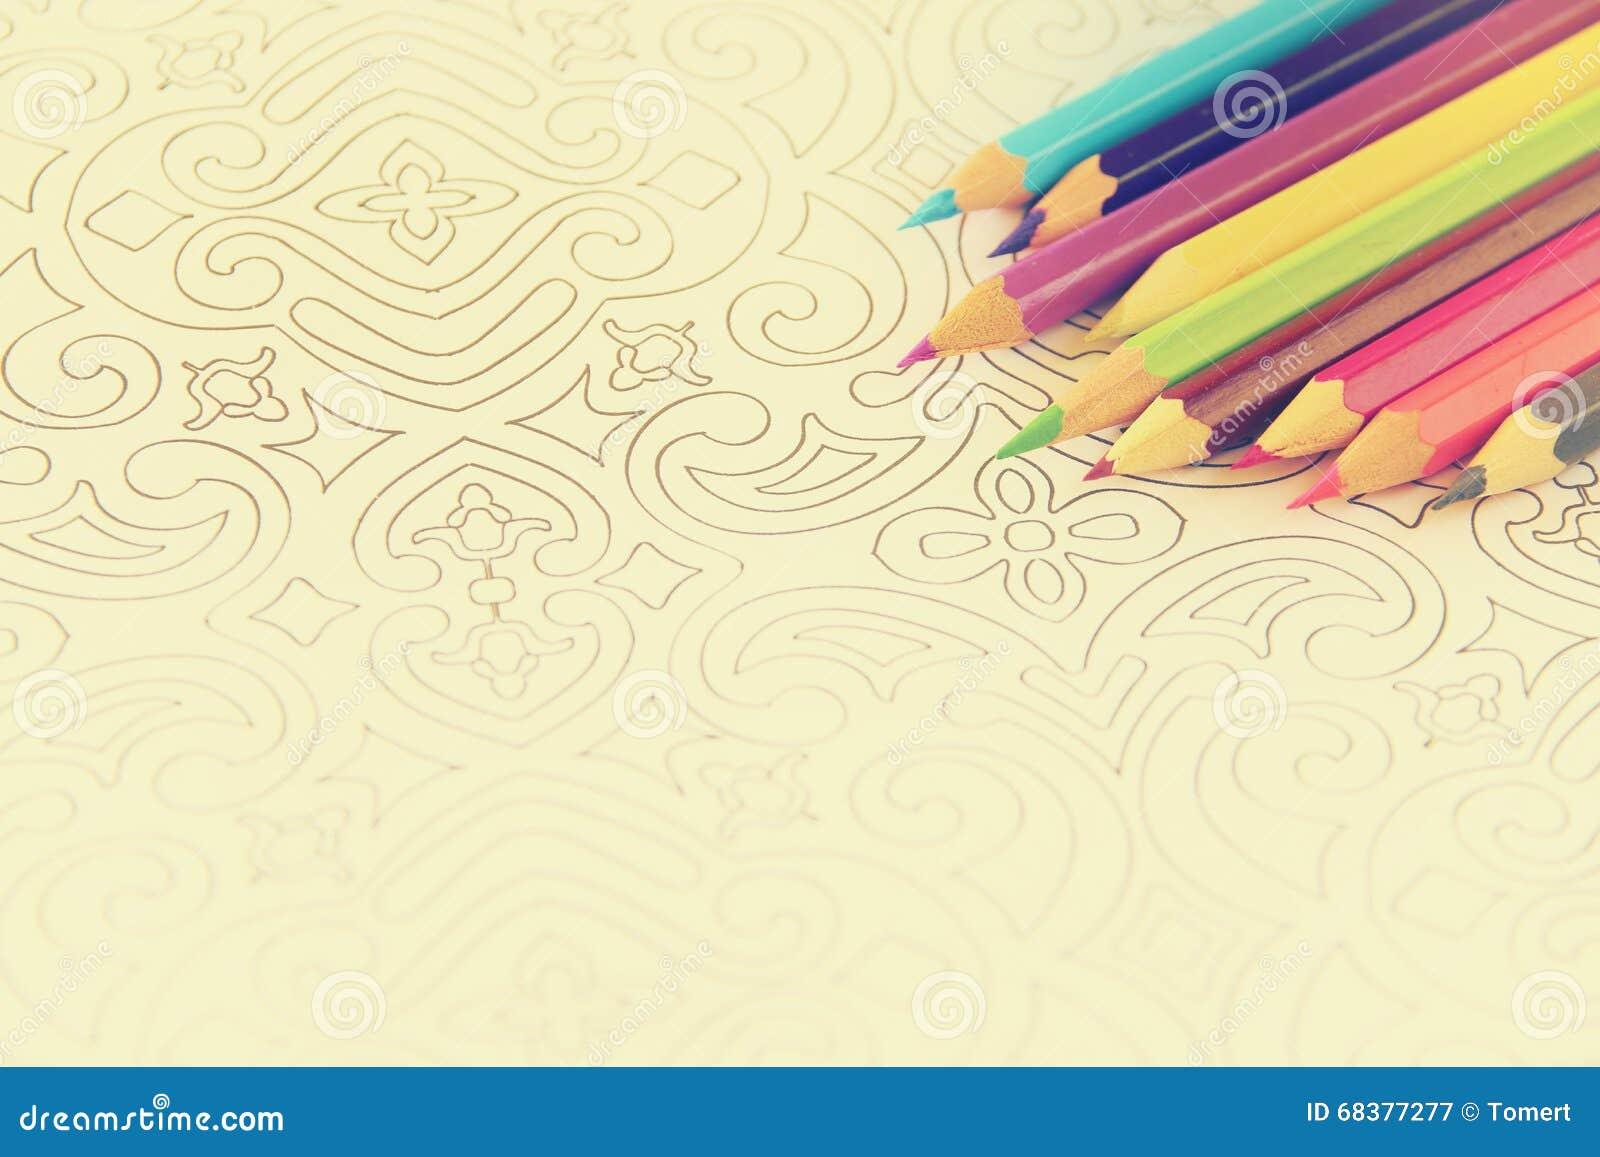 Tendencia Adulta Del Libro De Colorear Para El Alivio De Tensión